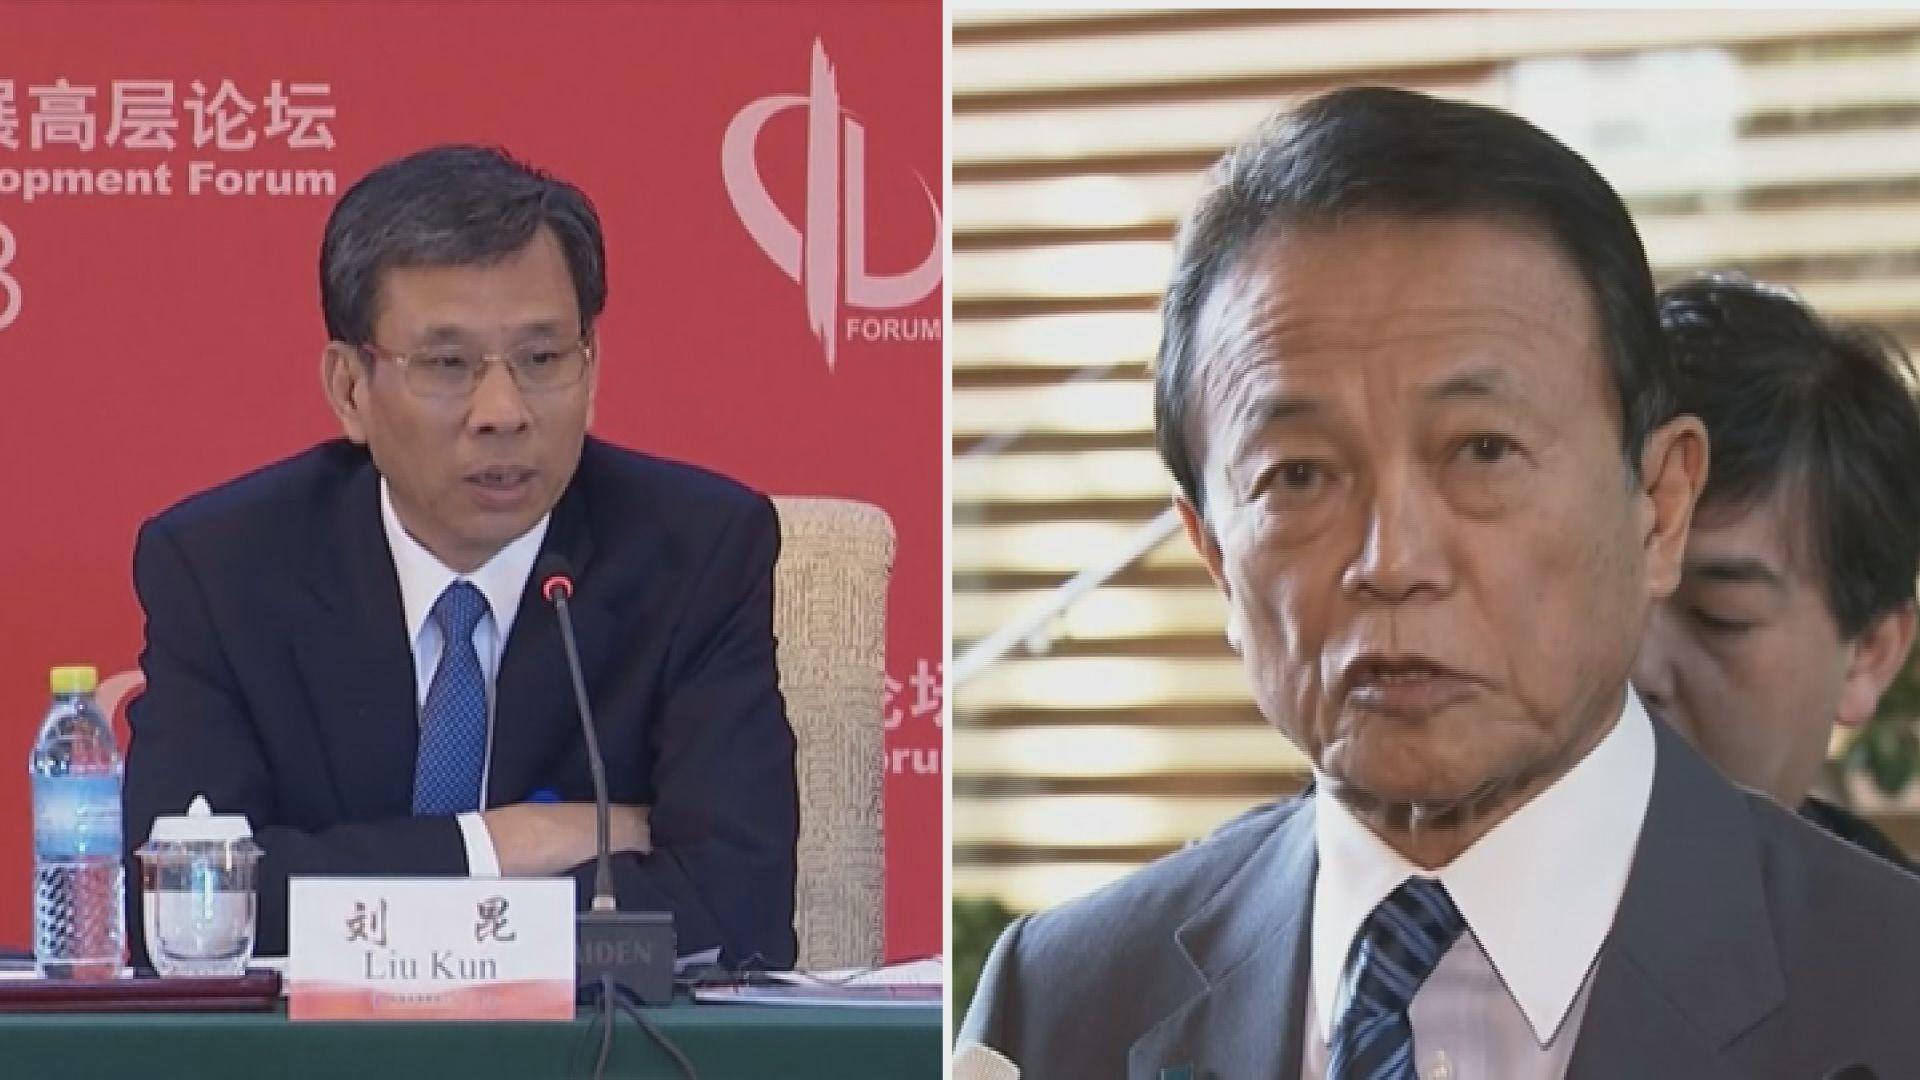 財長劉昆呼籲中日兩國合作應對風險挑戰